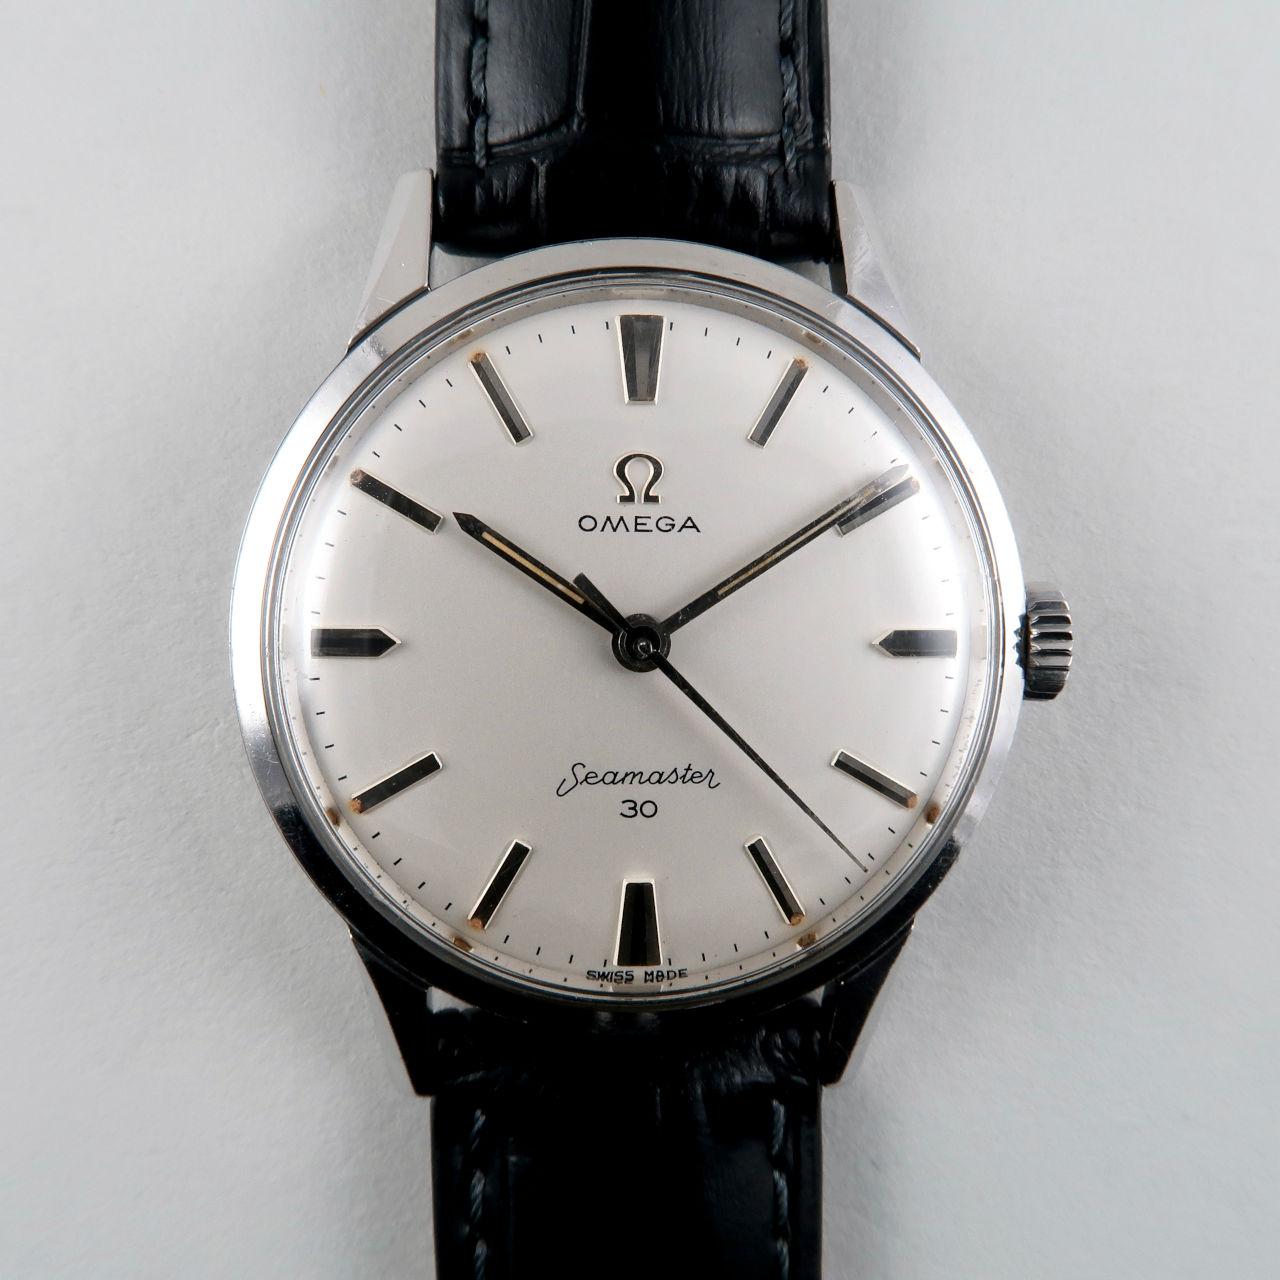 Omega Seamaster 30 Ref. 135.003 -62 circa 1963   steel hand wound vintage wristwatch